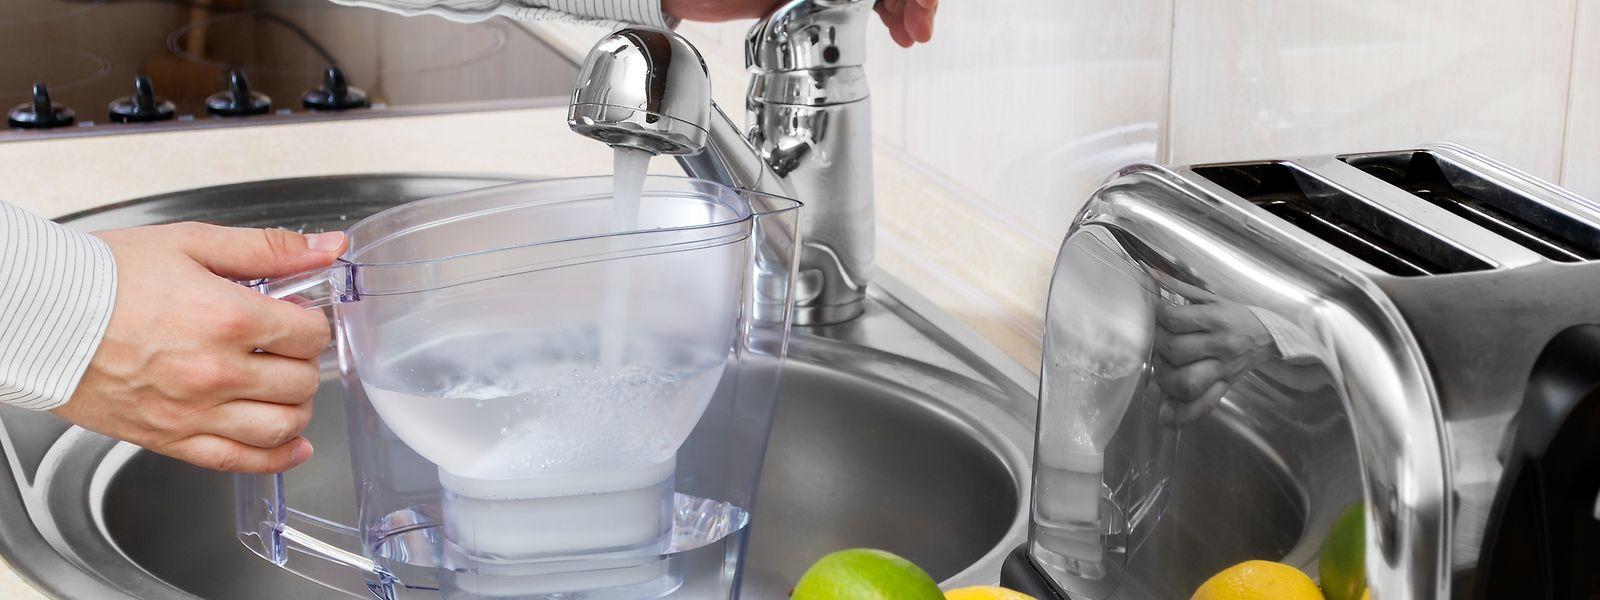 Pour l'heure, il est recommandé de faire bouillir l'eau avant tout usage alimentaire.